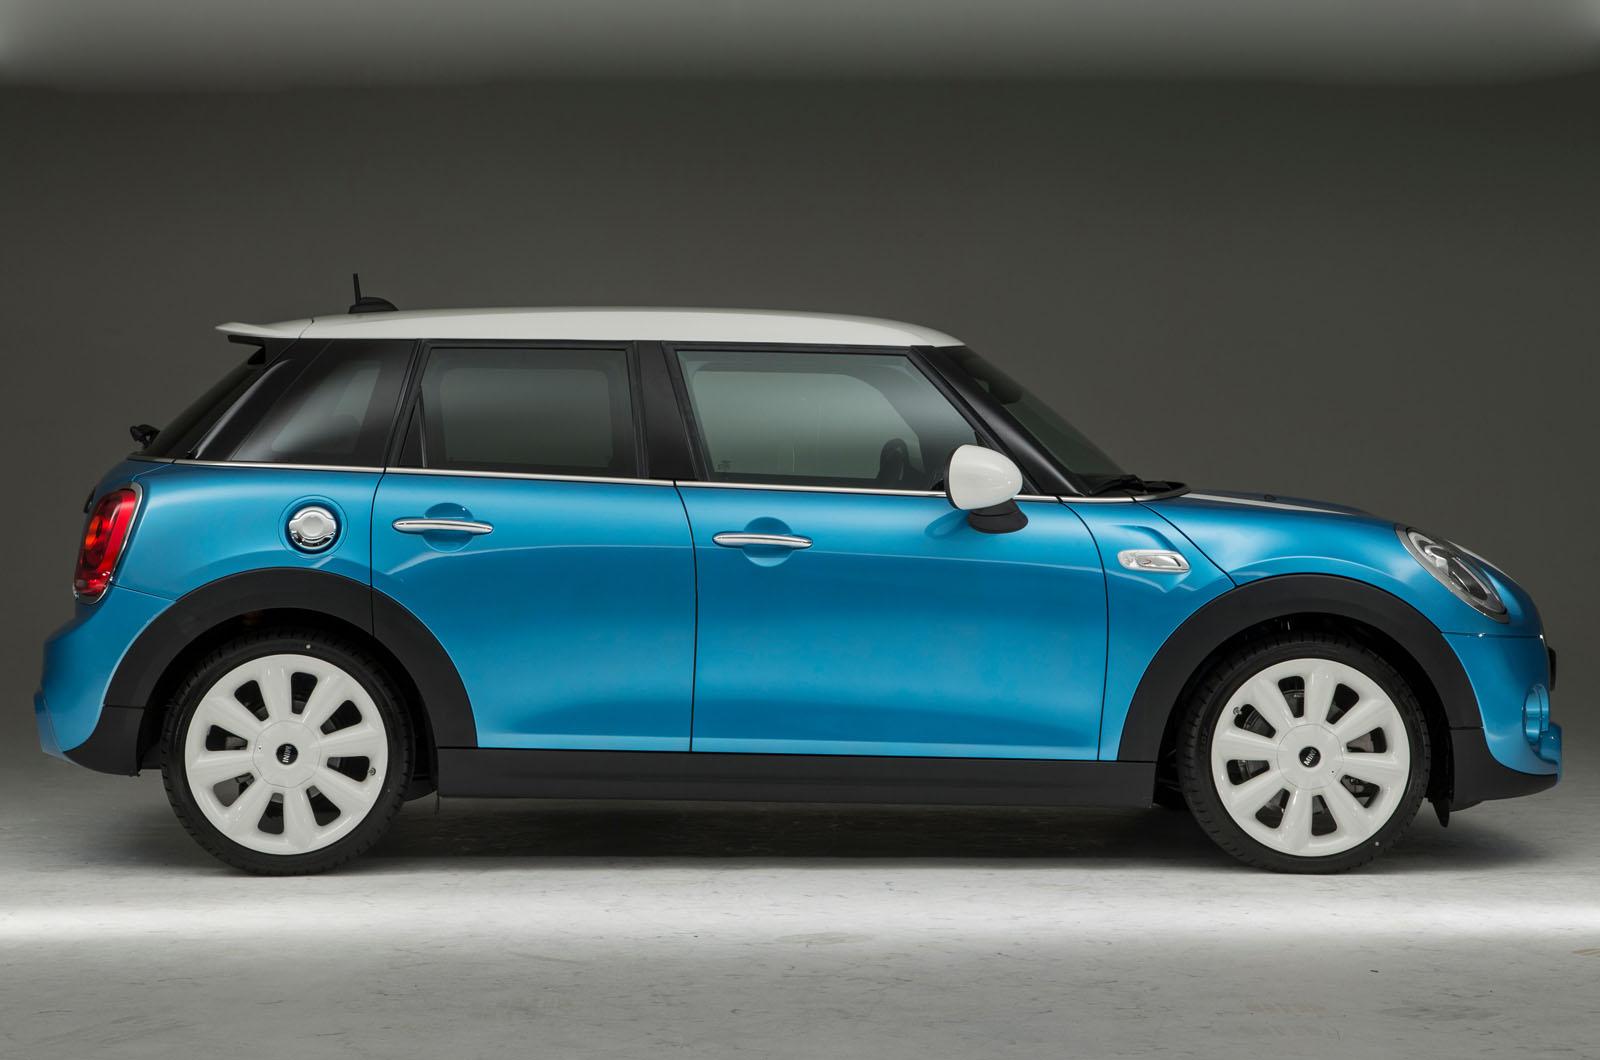 New Five-door Mini Hatchback Revealed